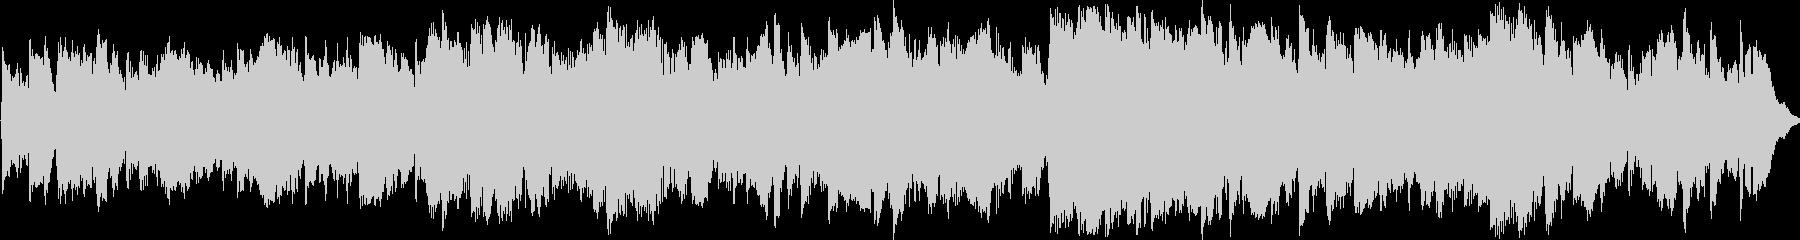 アコギとピアノの幻想的なBGMの未再生の波形